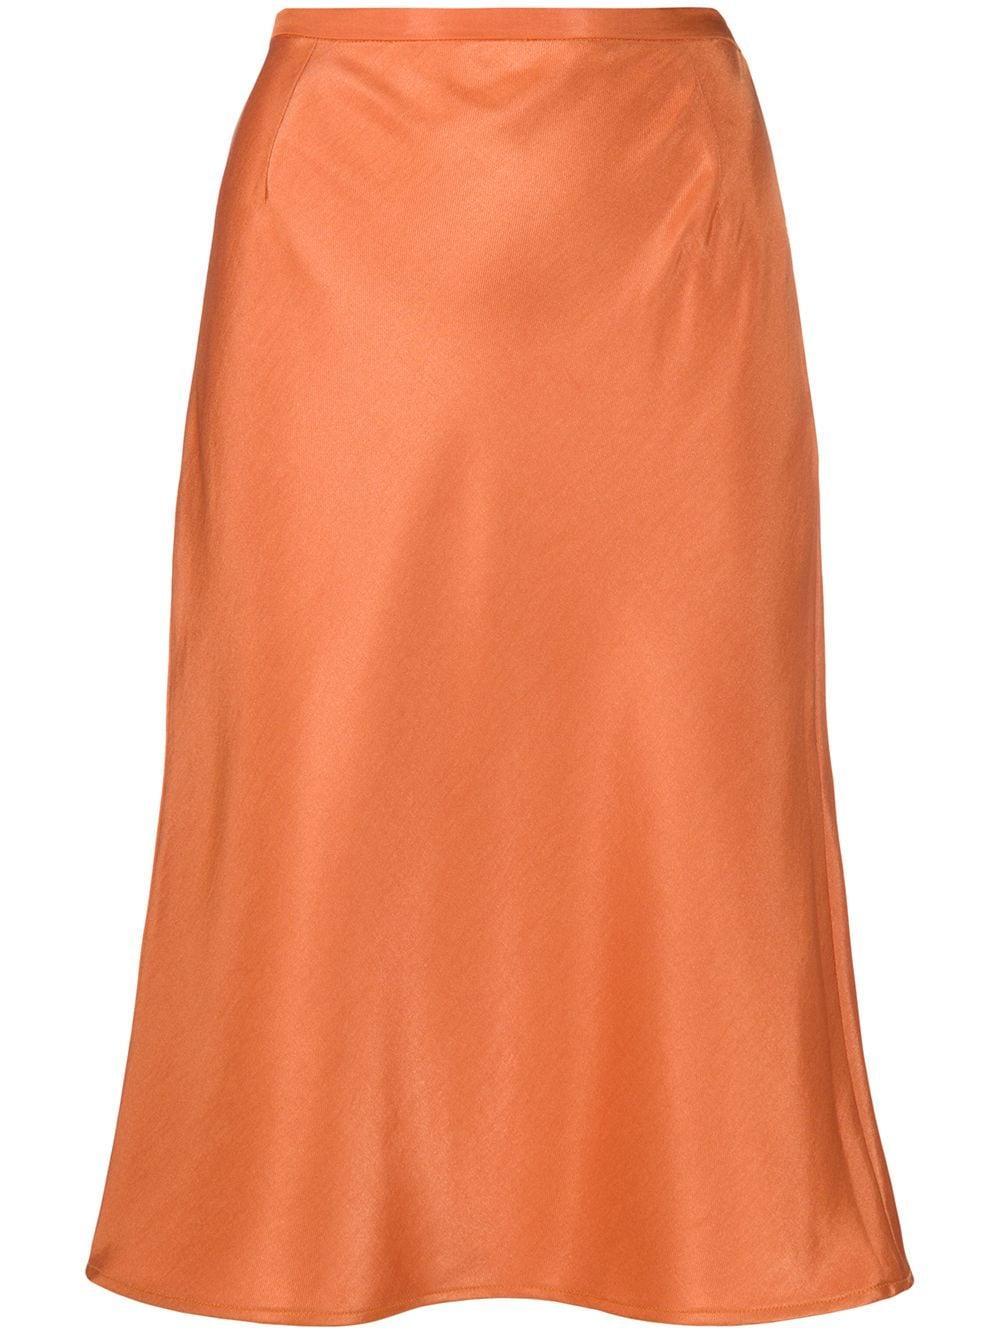 Sanne Straight Midi Skirt Item # 20890